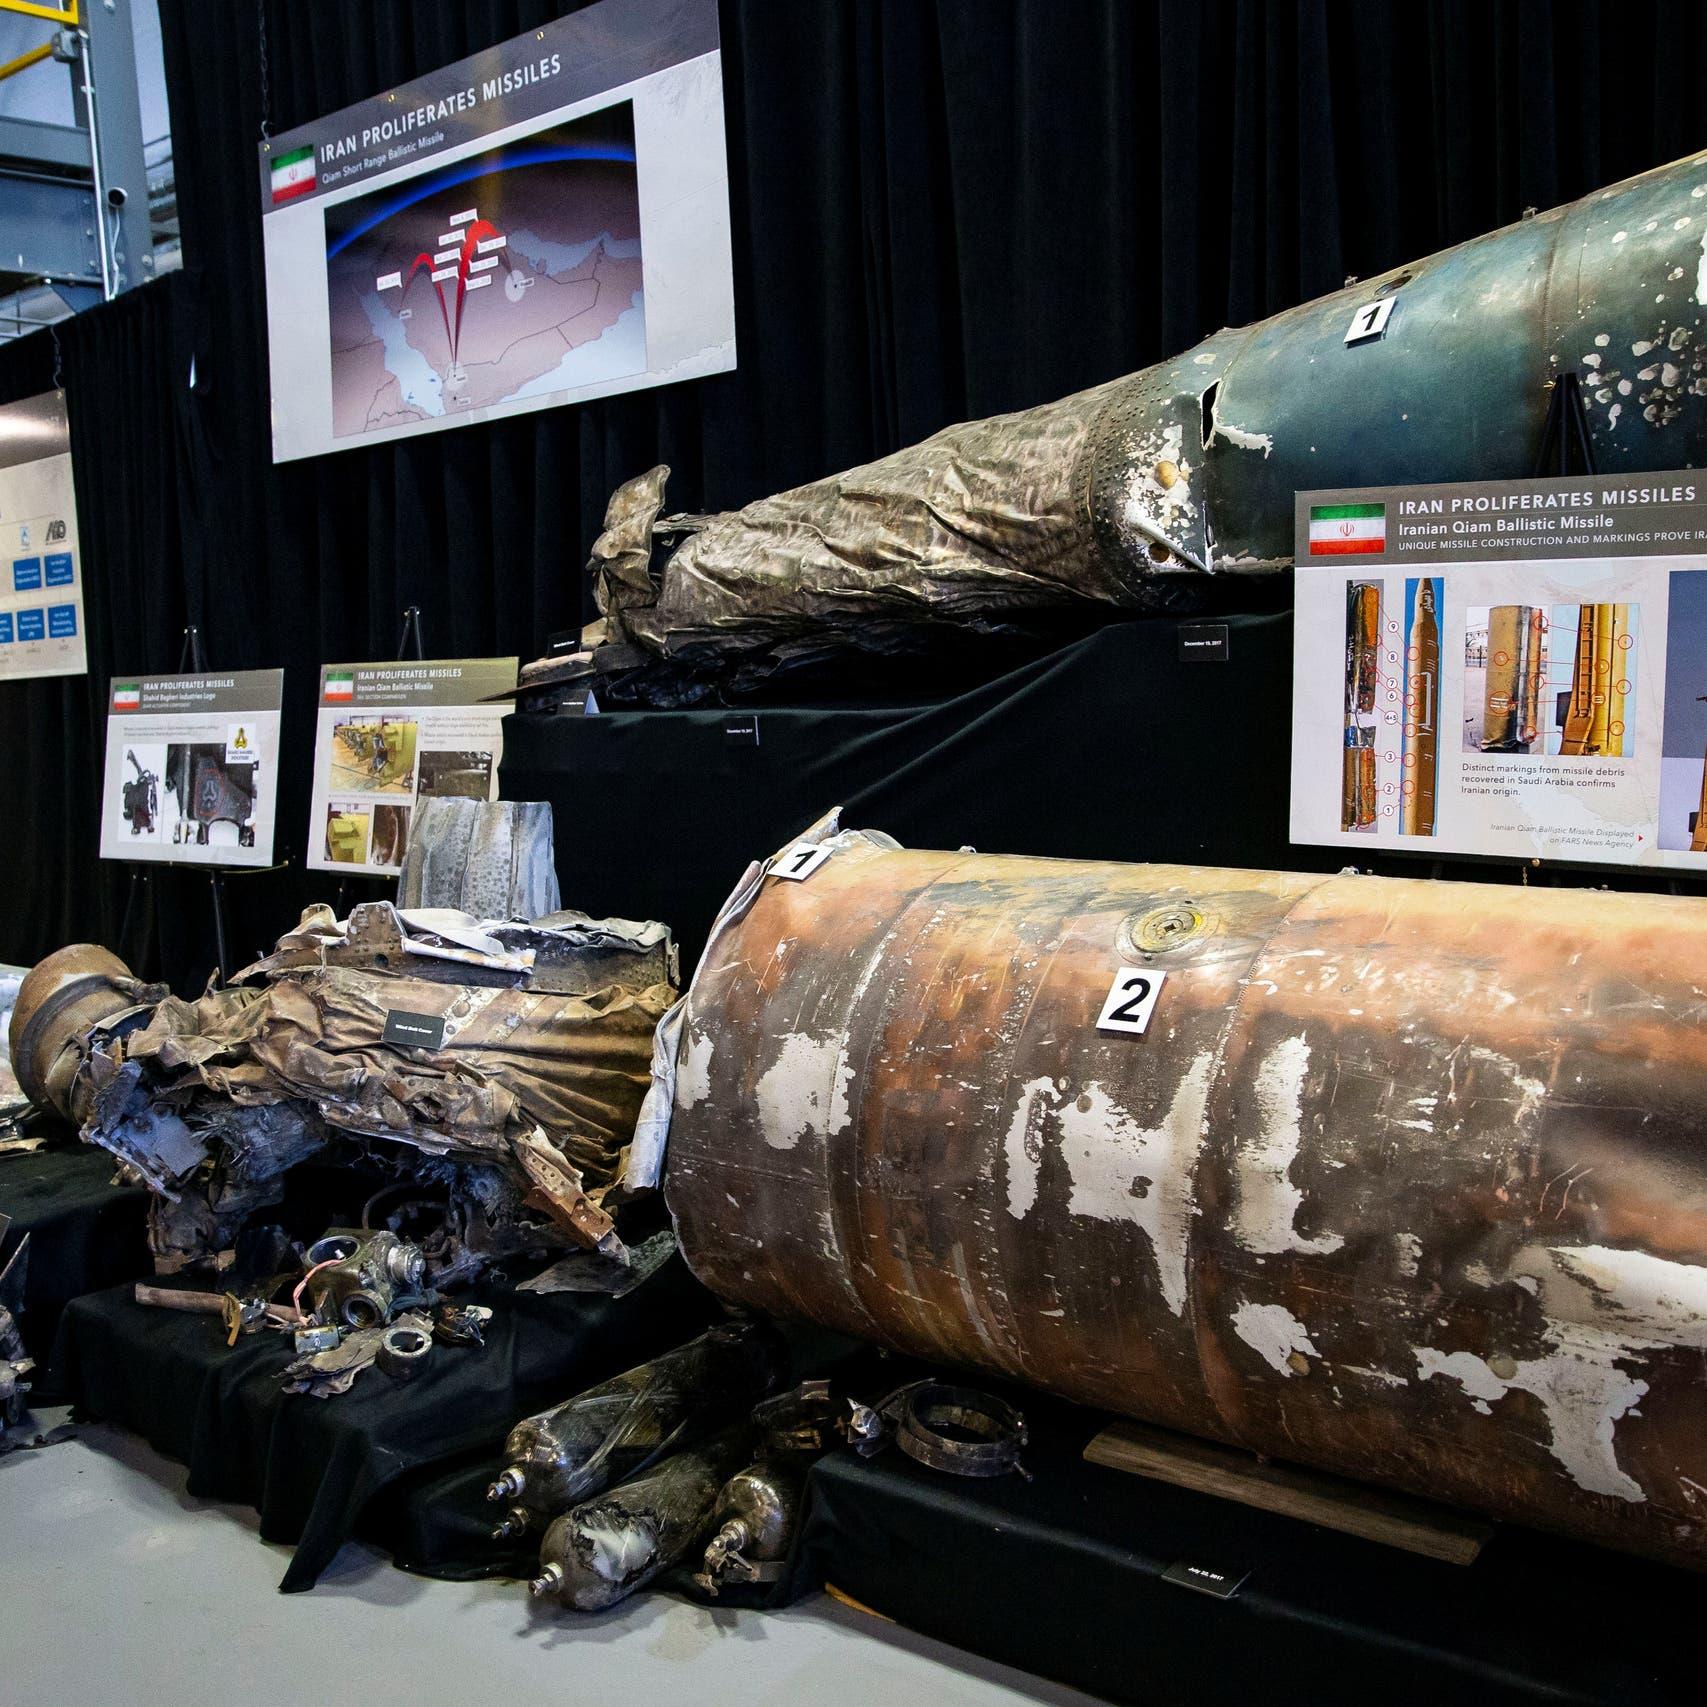 واشنطن تراقب صواريخ إيران.. إرهاب للجيران